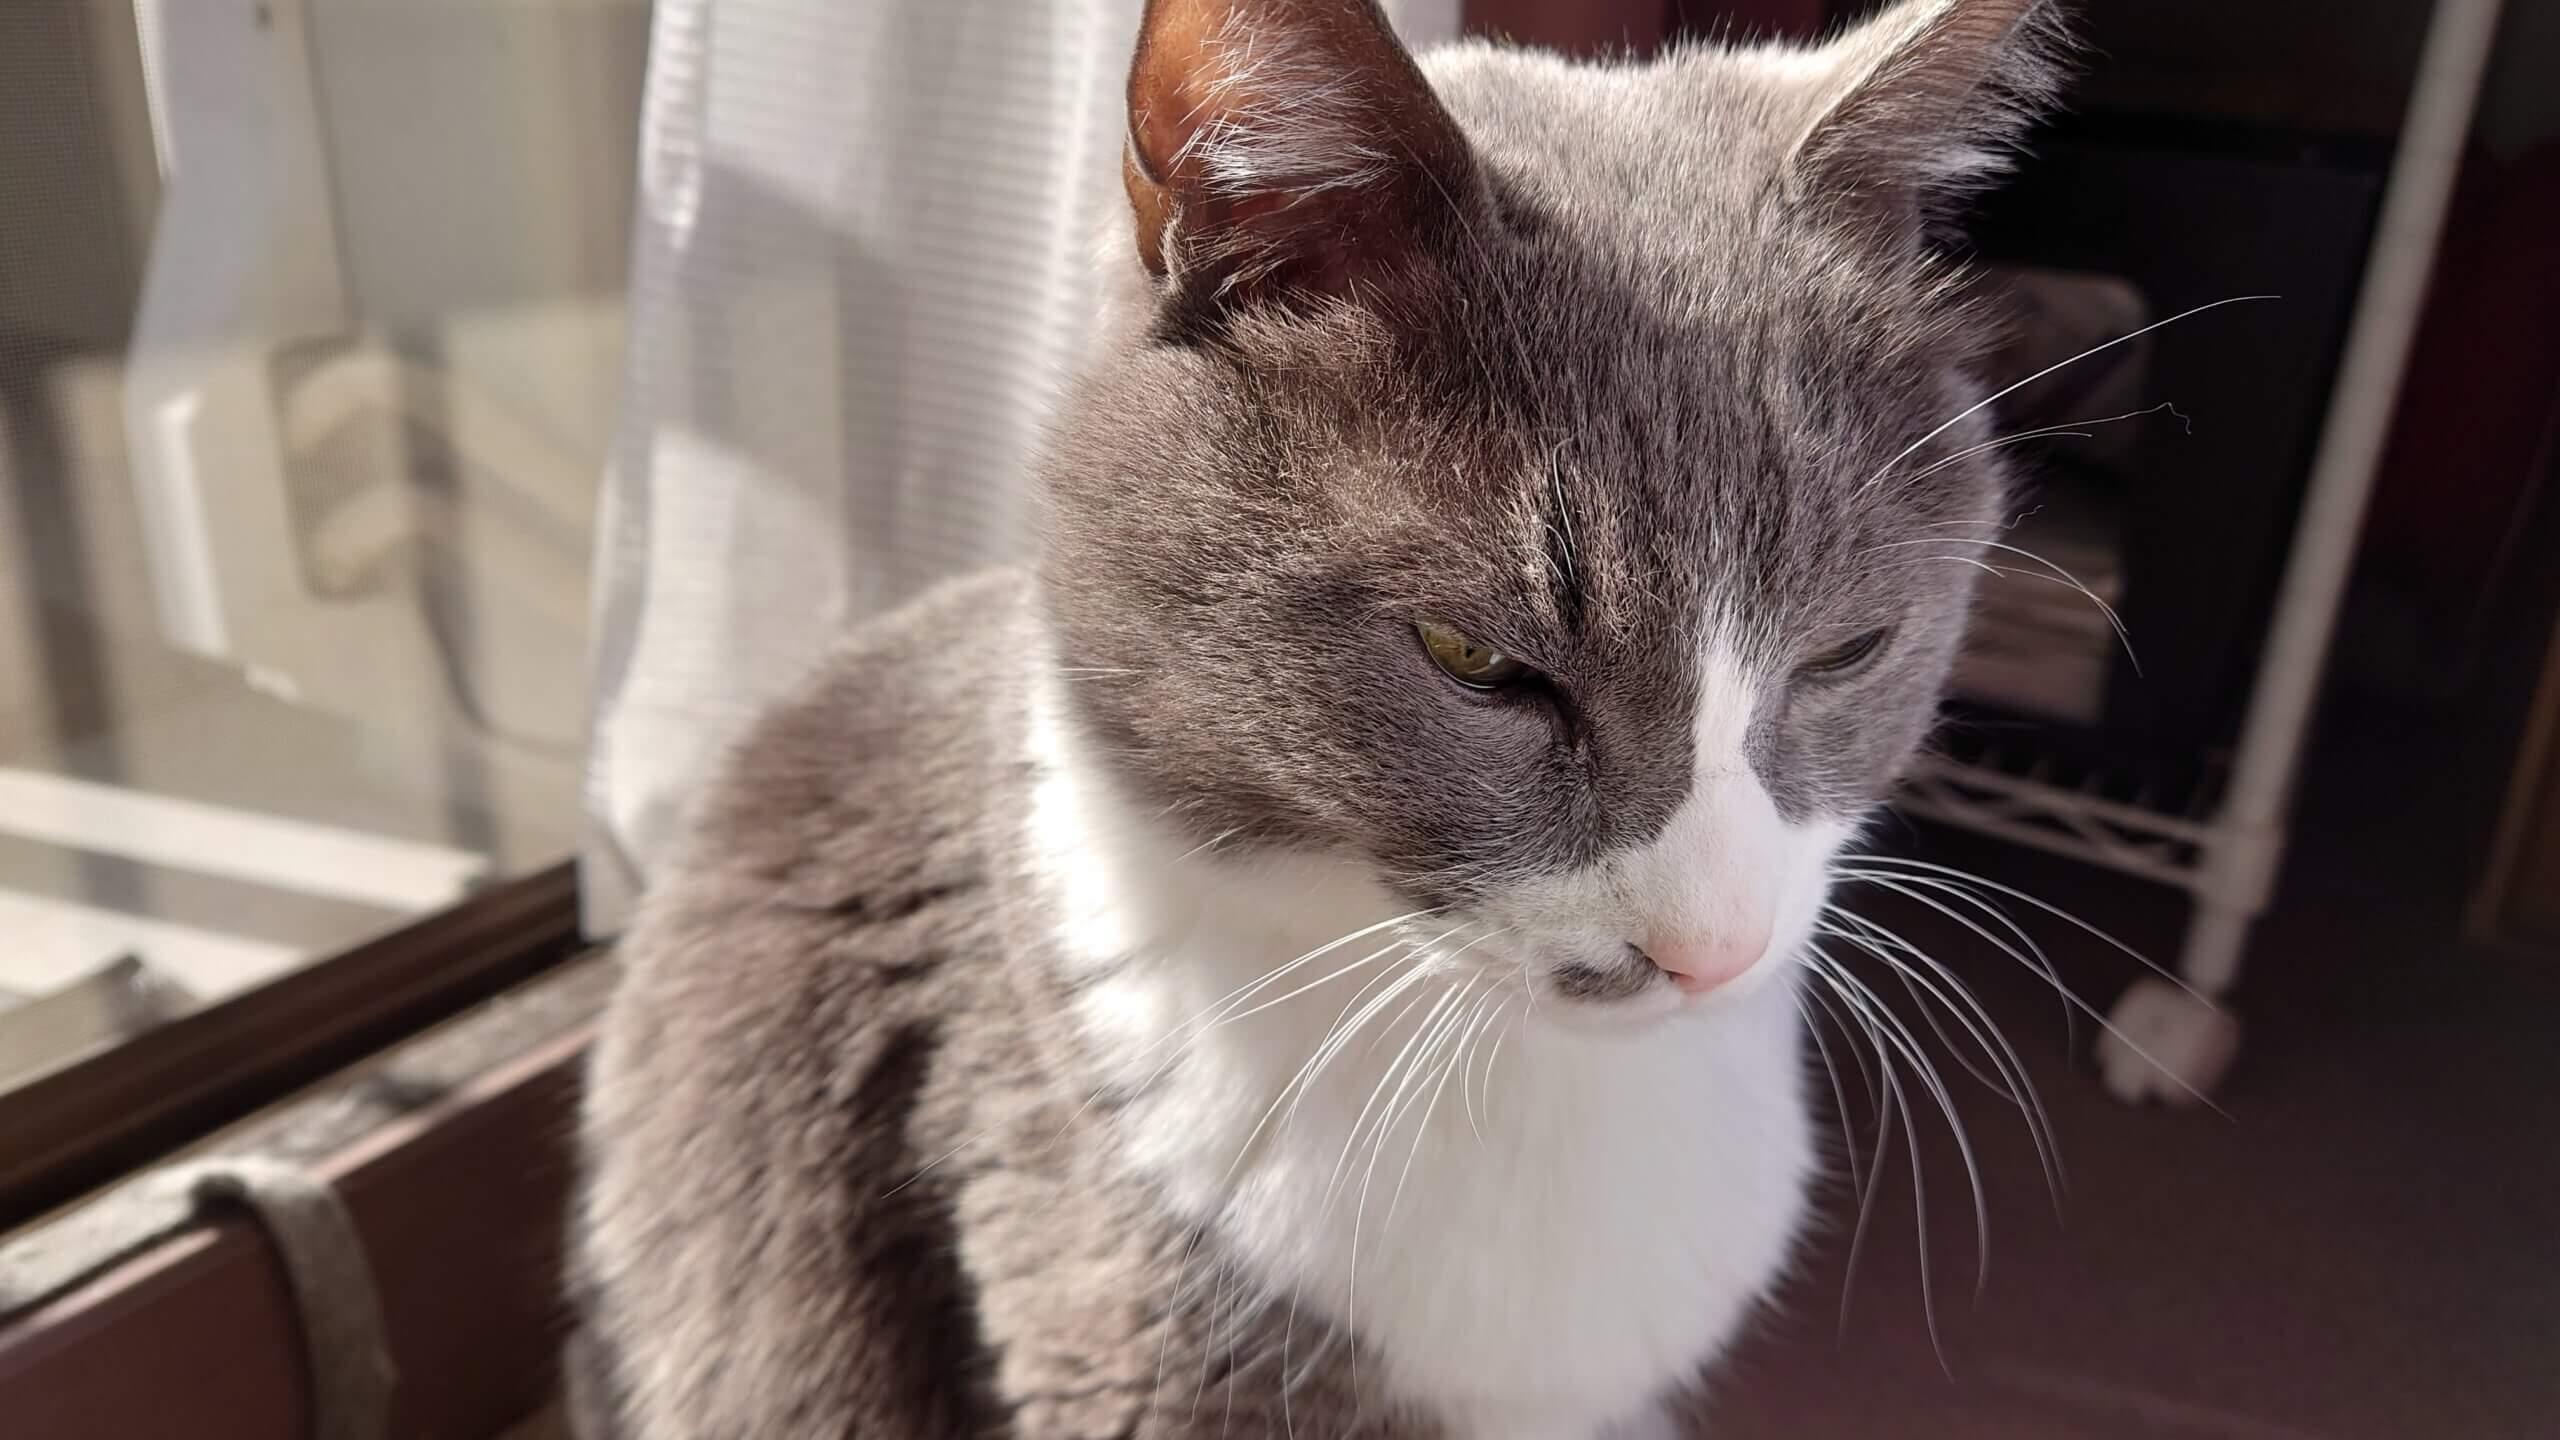 ひげが下に垂れている愛猫モコ